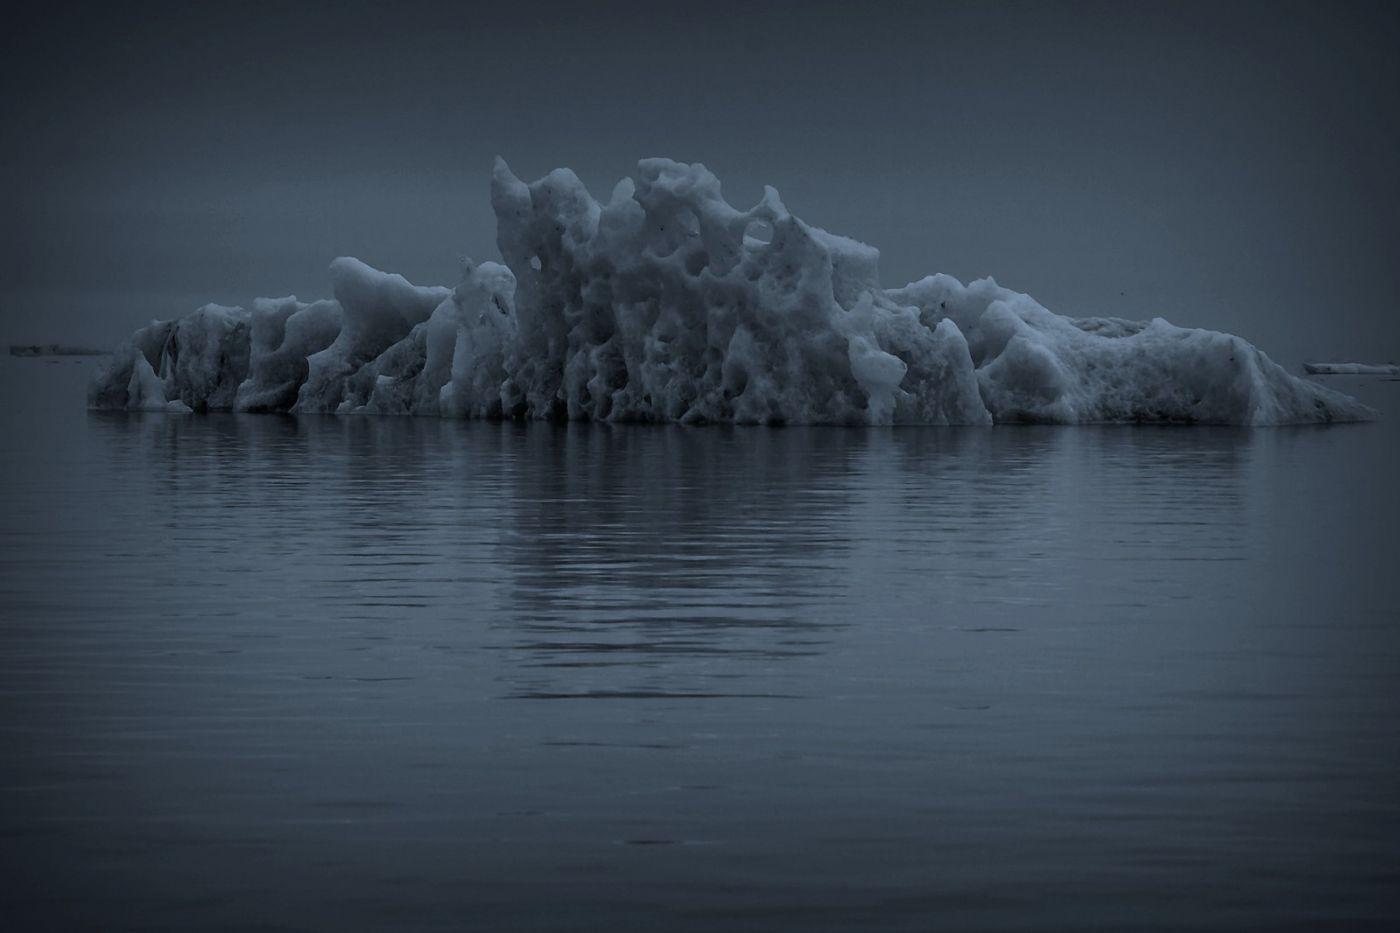 冰岛冰川泻湖(Glacier Lagoon), 湖面上冰川_图1-14